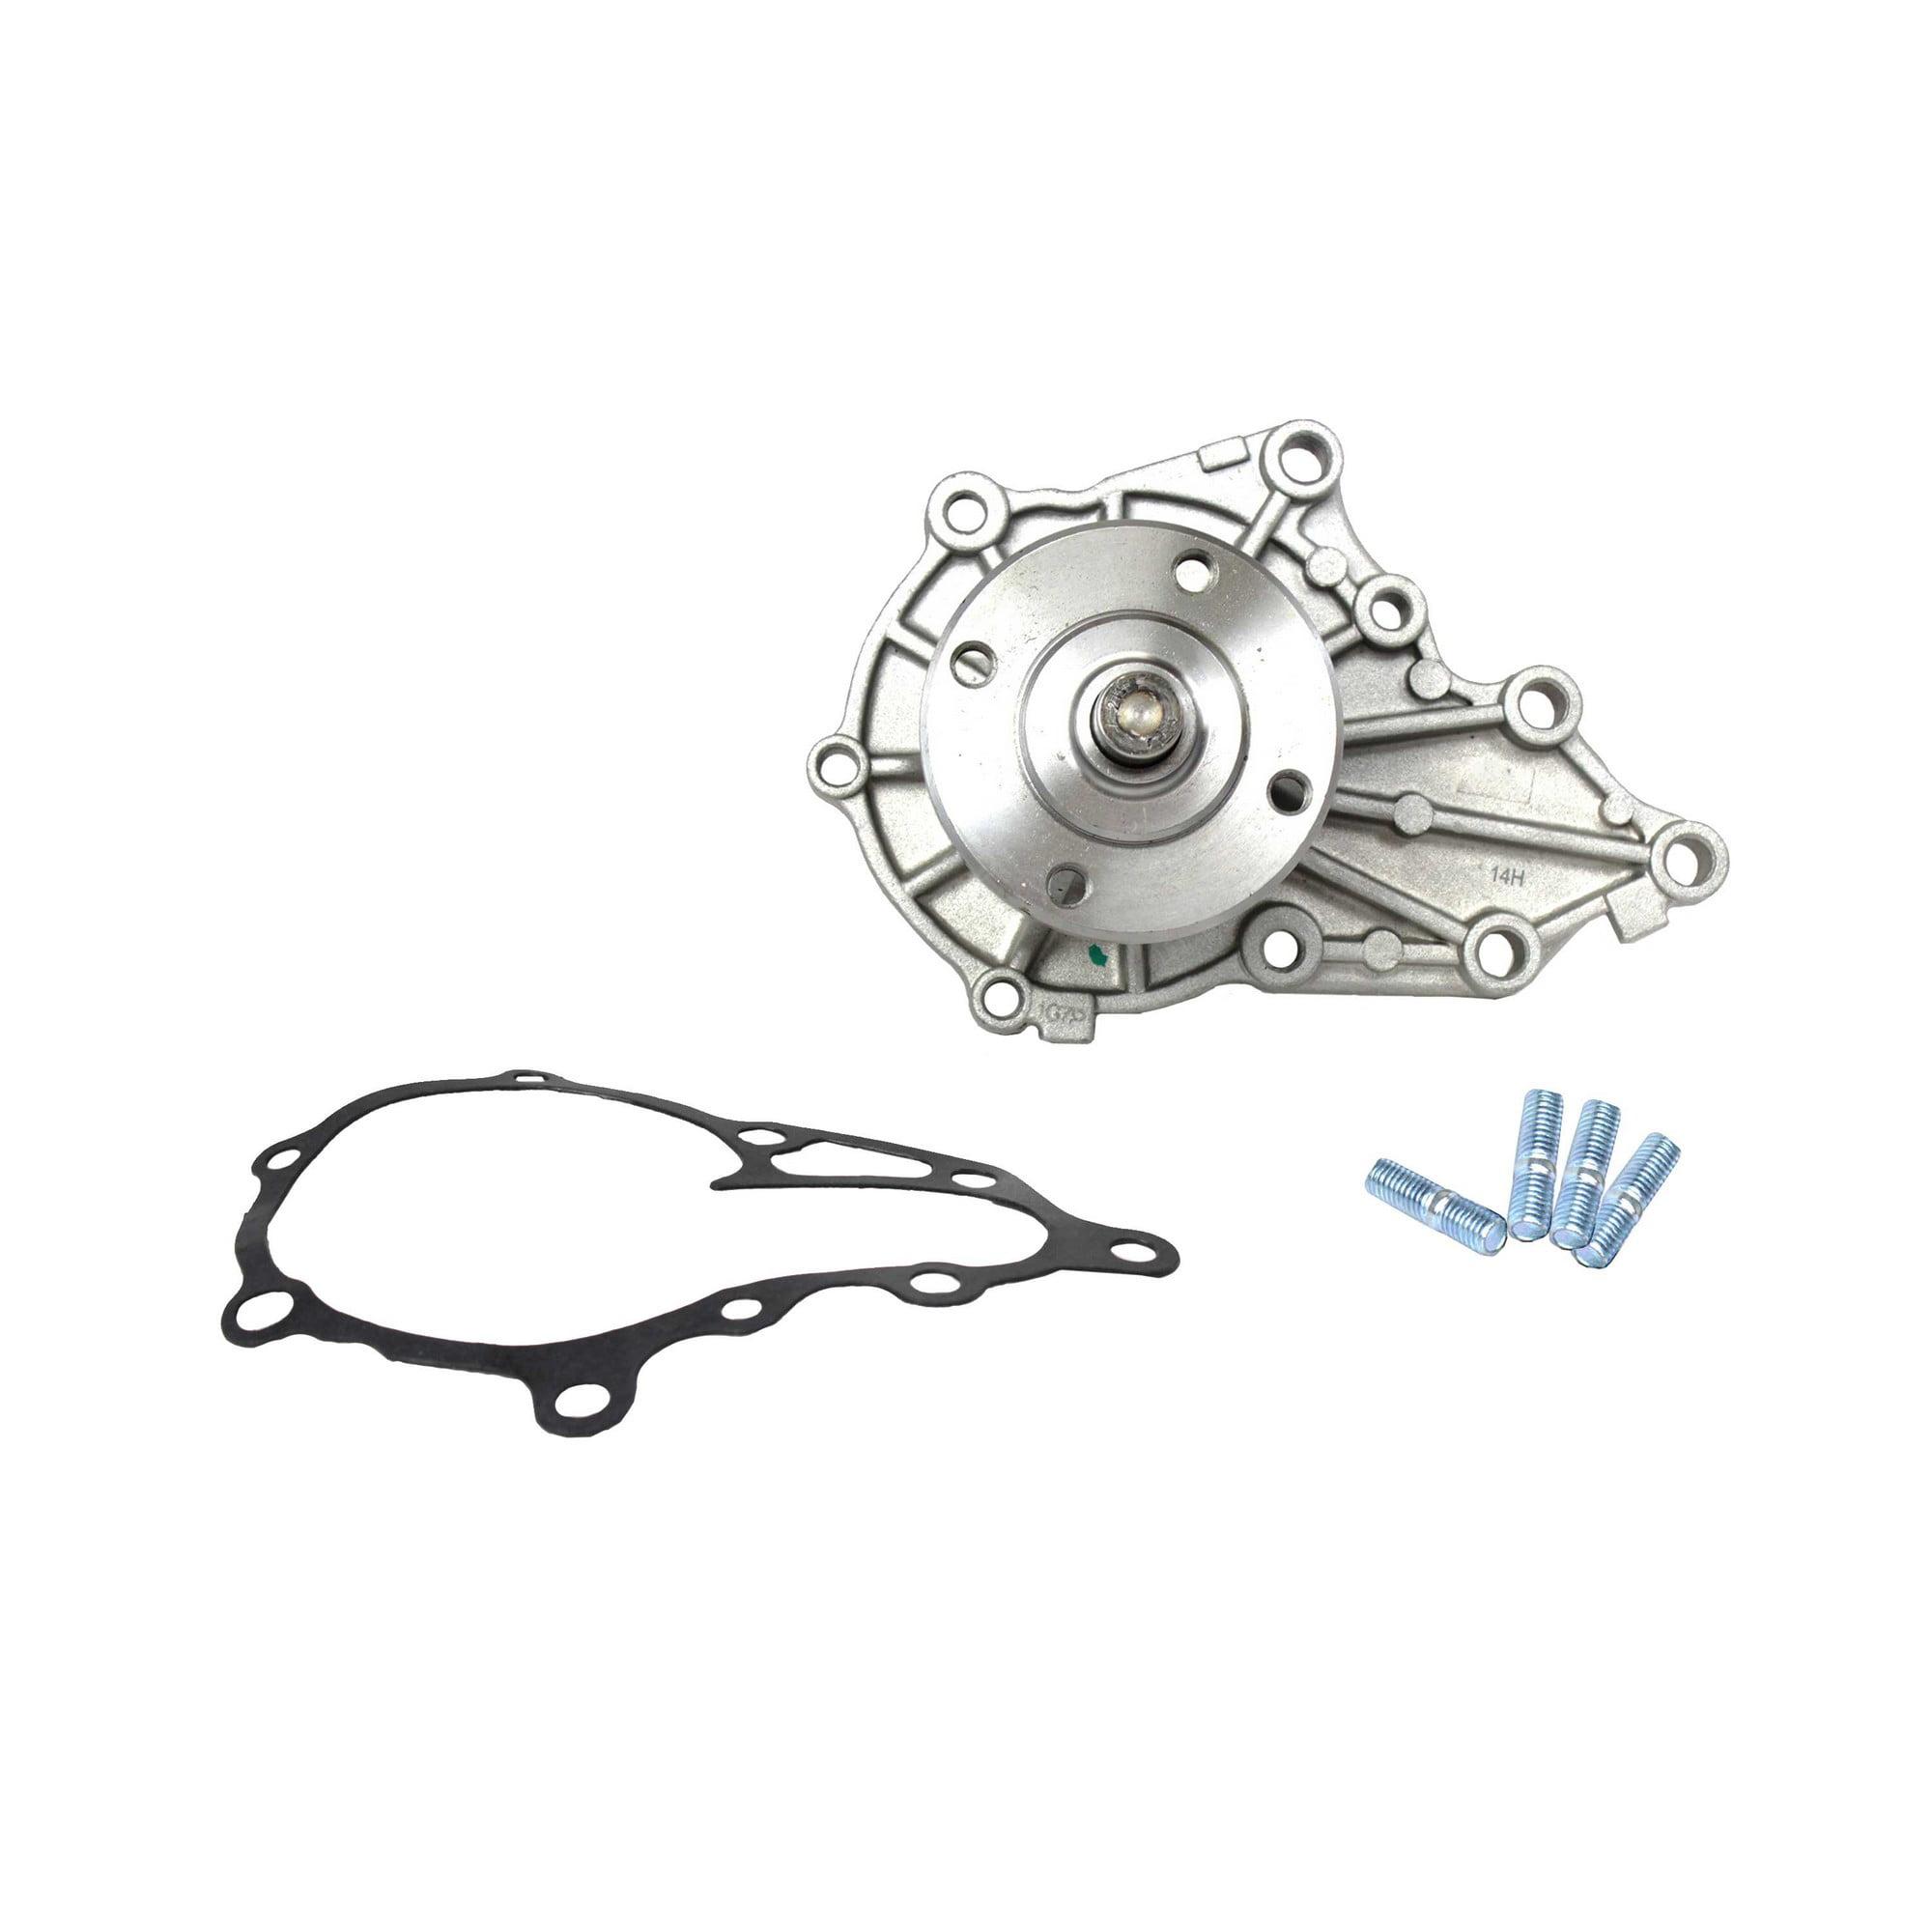 Water Pump Fits 82-88 Toyota Celica Cressida 2.8L L6 DOHC 12v